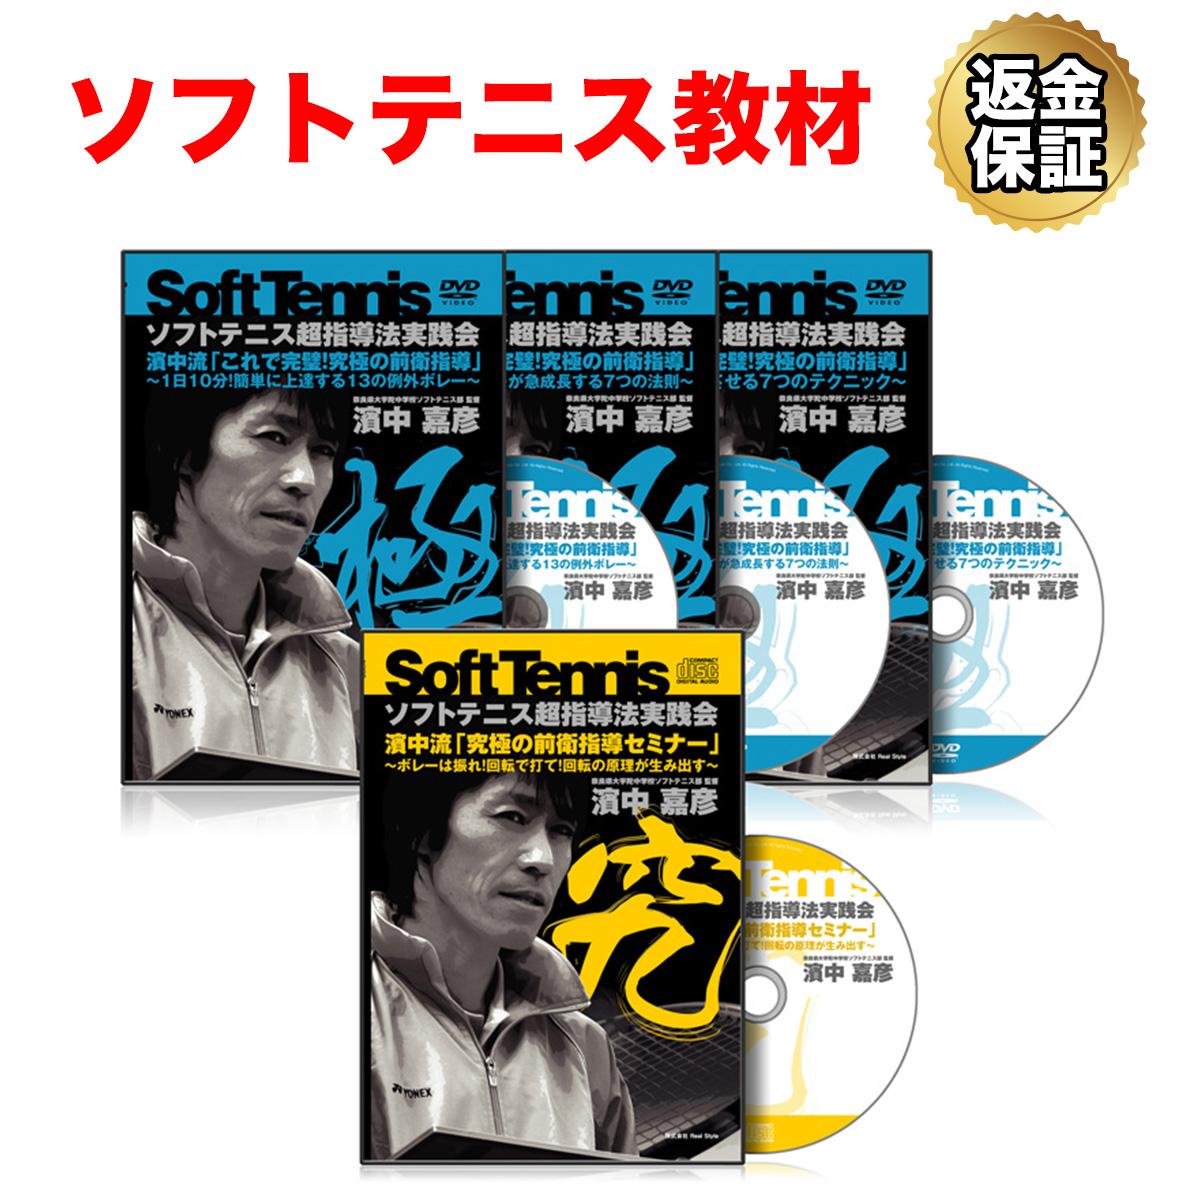 【ソフトテニス】濱中流「究極の前衛指導コース」